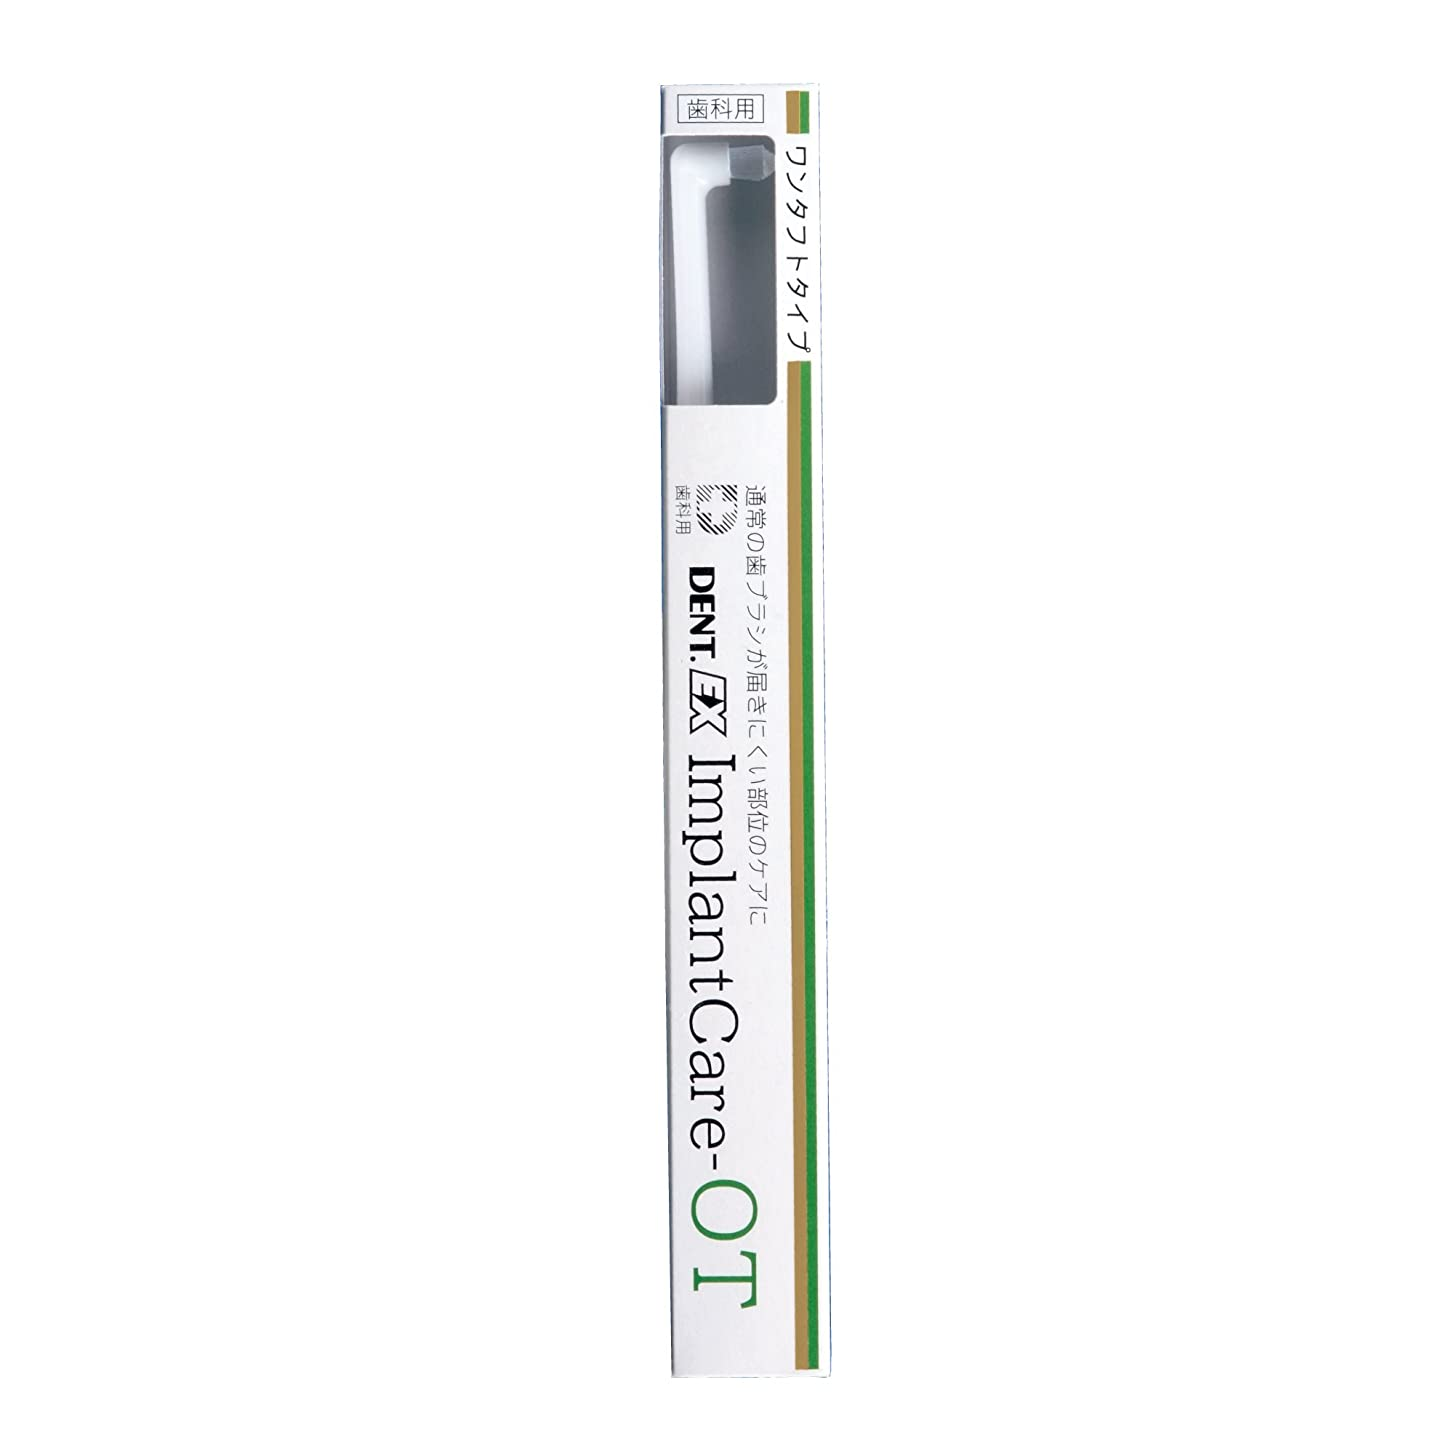 フェザー電気の尊敬ライオン歯科材 デント EX インプラントケア OT 1本入 4903301088639